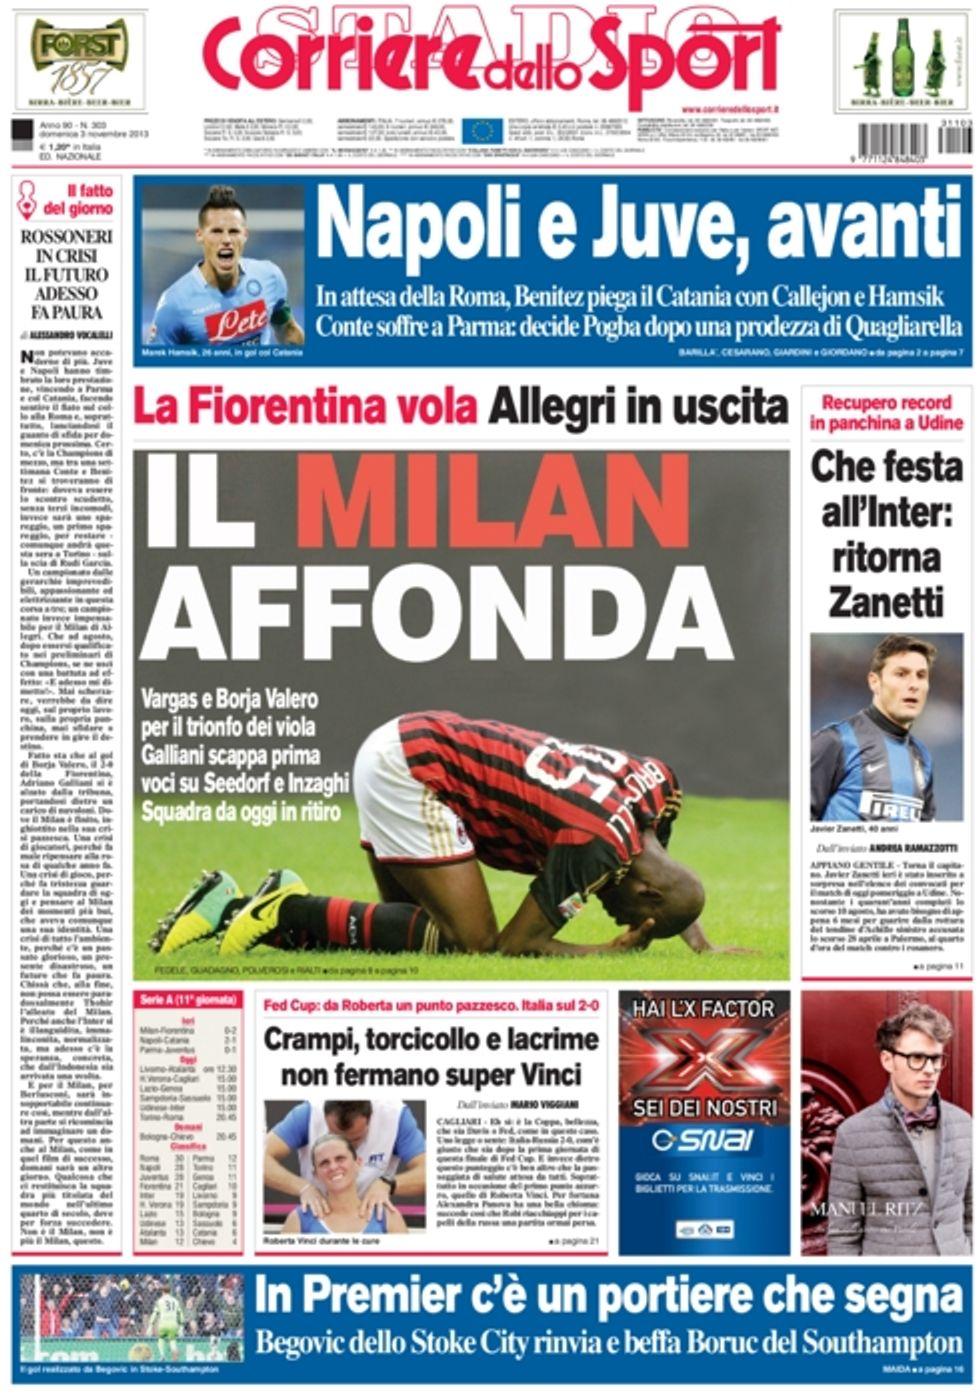 RASSEGNA - La Fiorentina spacca il Milan